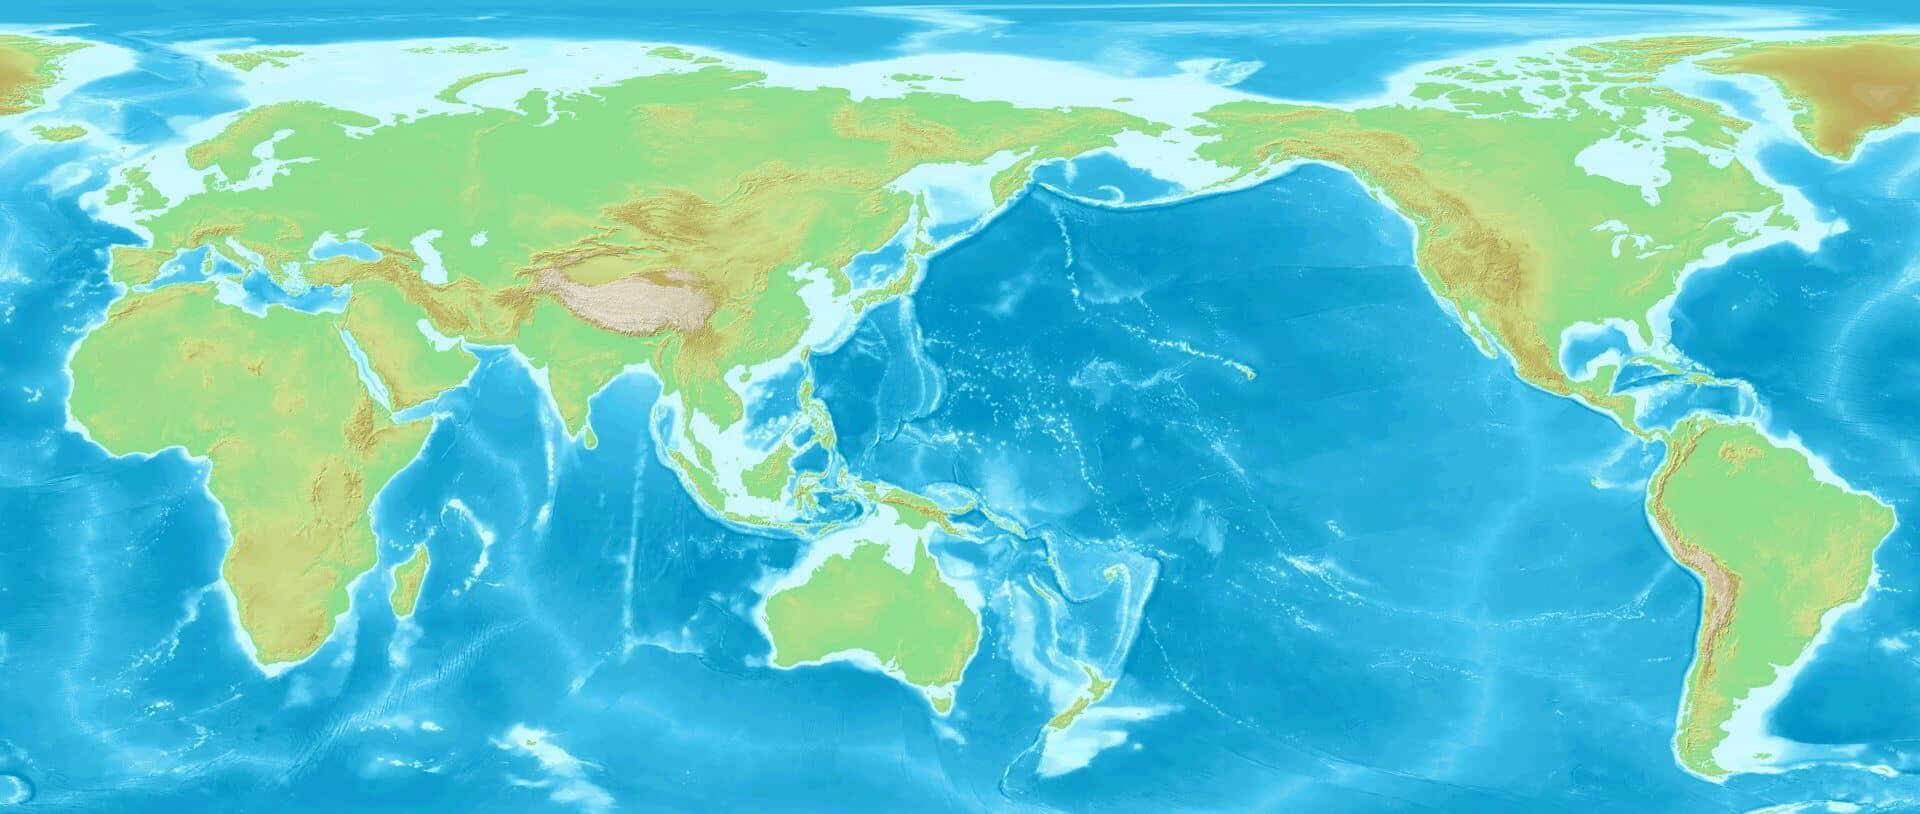 Weltkarte Pazifik